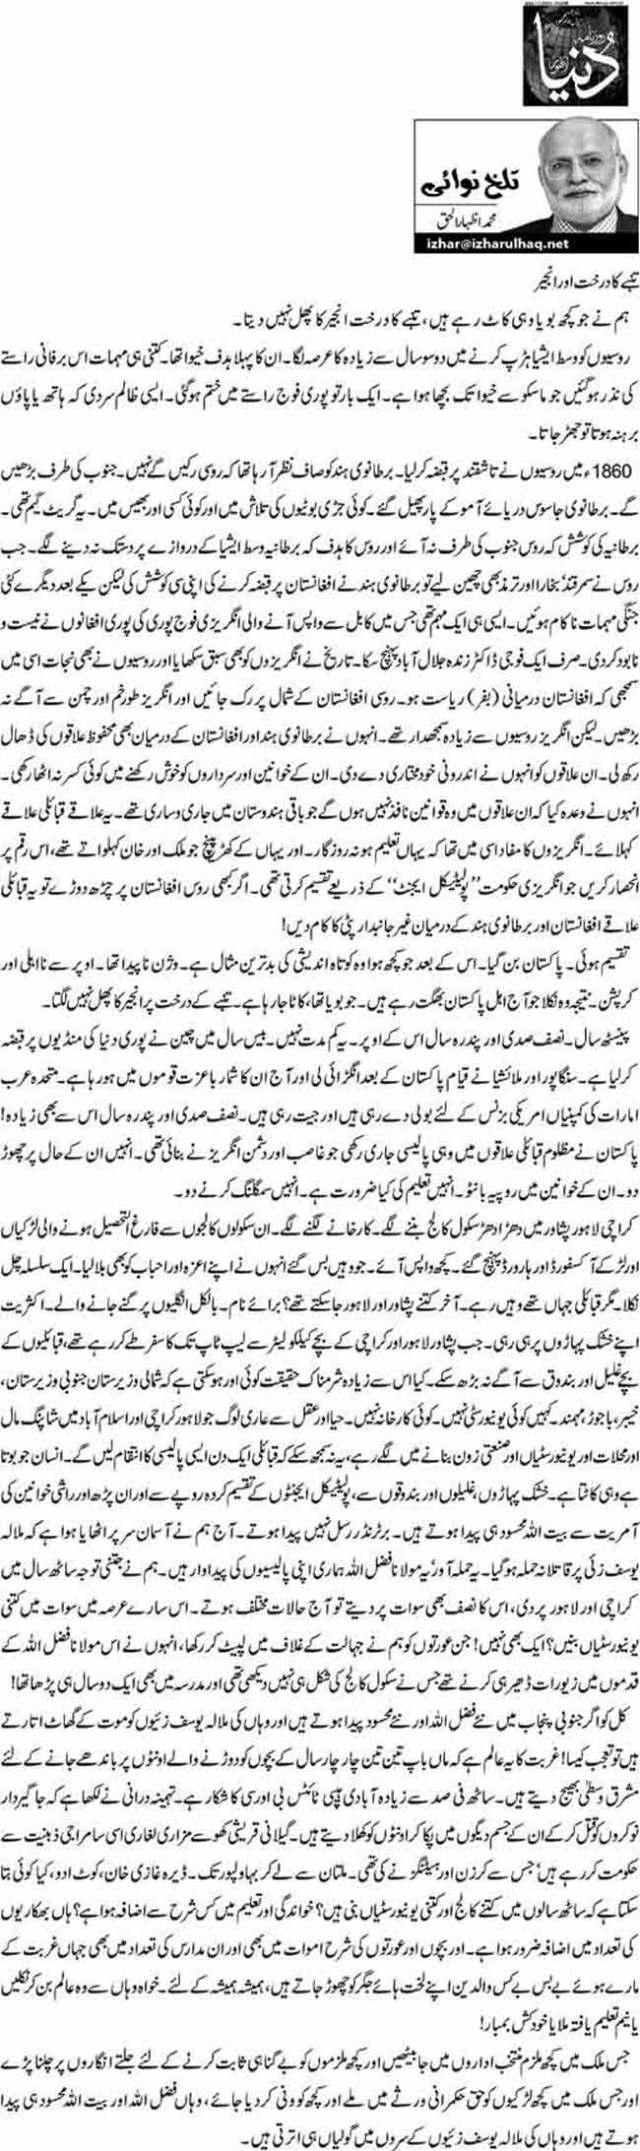 Tanmbay ka darakht aur anjeer - M. Izhar ul Haq